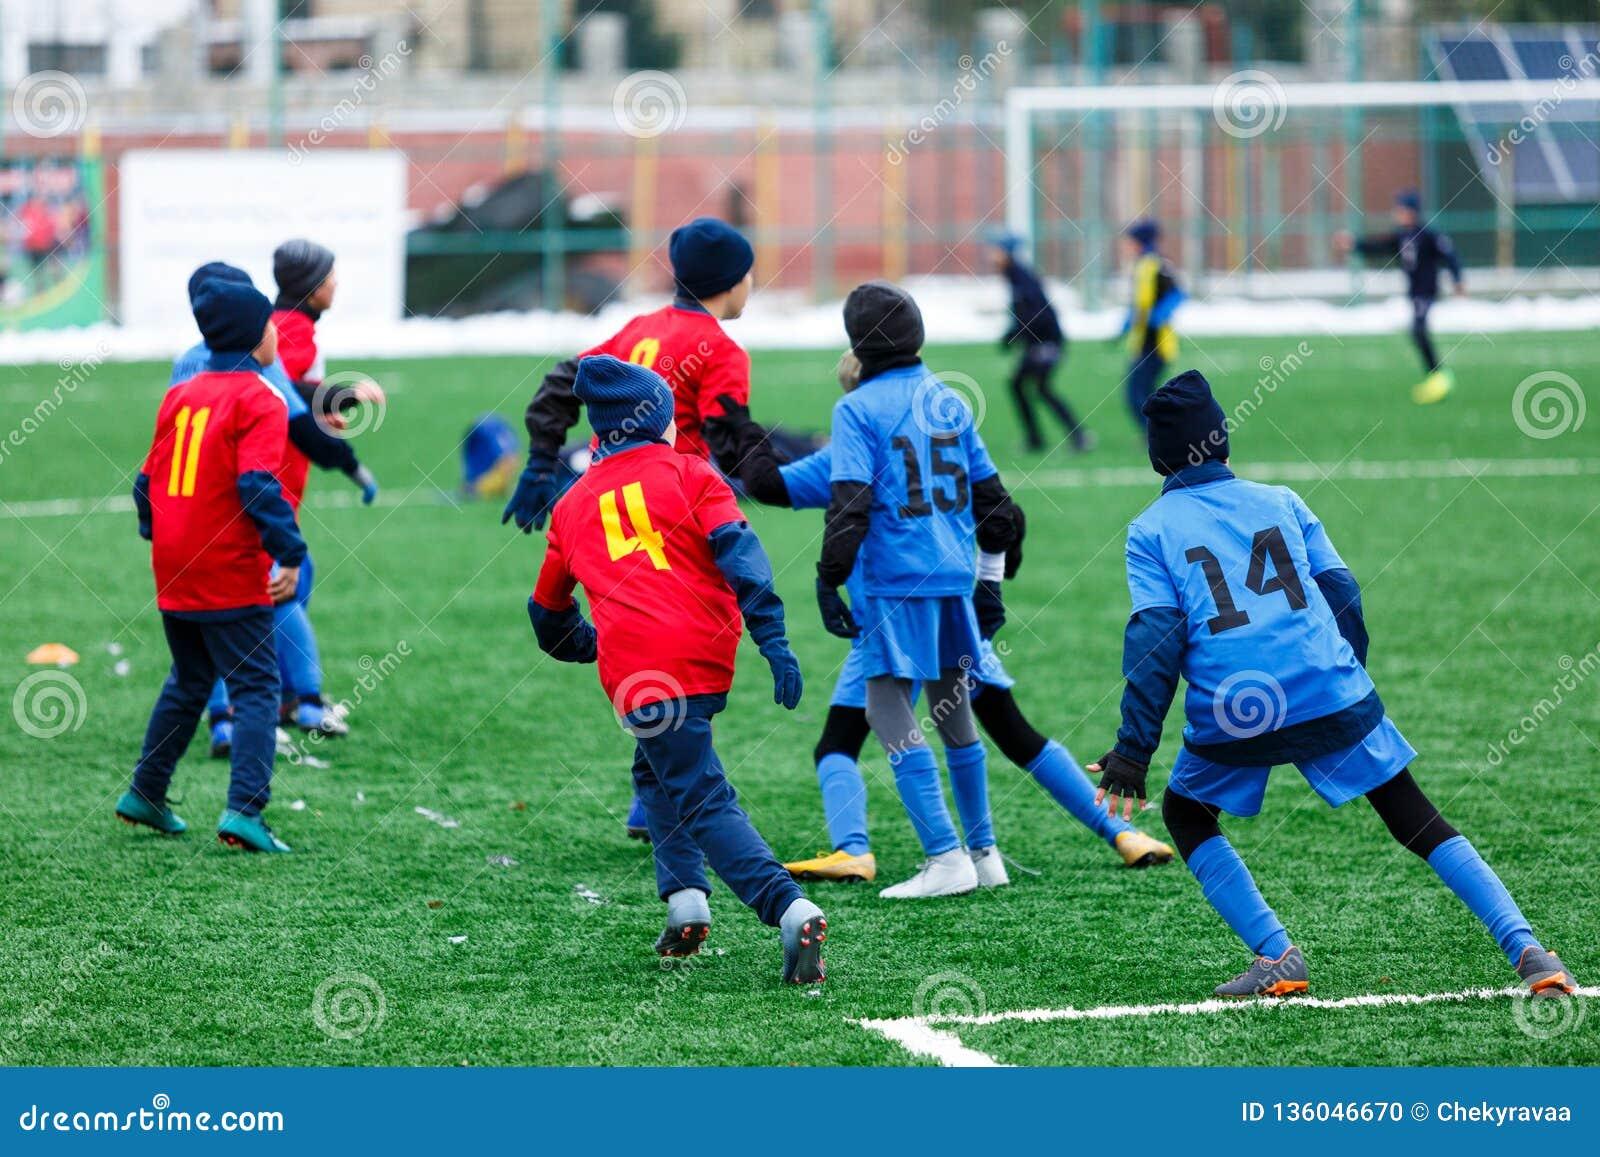 Jungen in der roten und blauen Sportkleidung spielt Fußball auf grüner Rasenfläche Jugend-Fußballspiel Kindersportwettbewerb, Kin